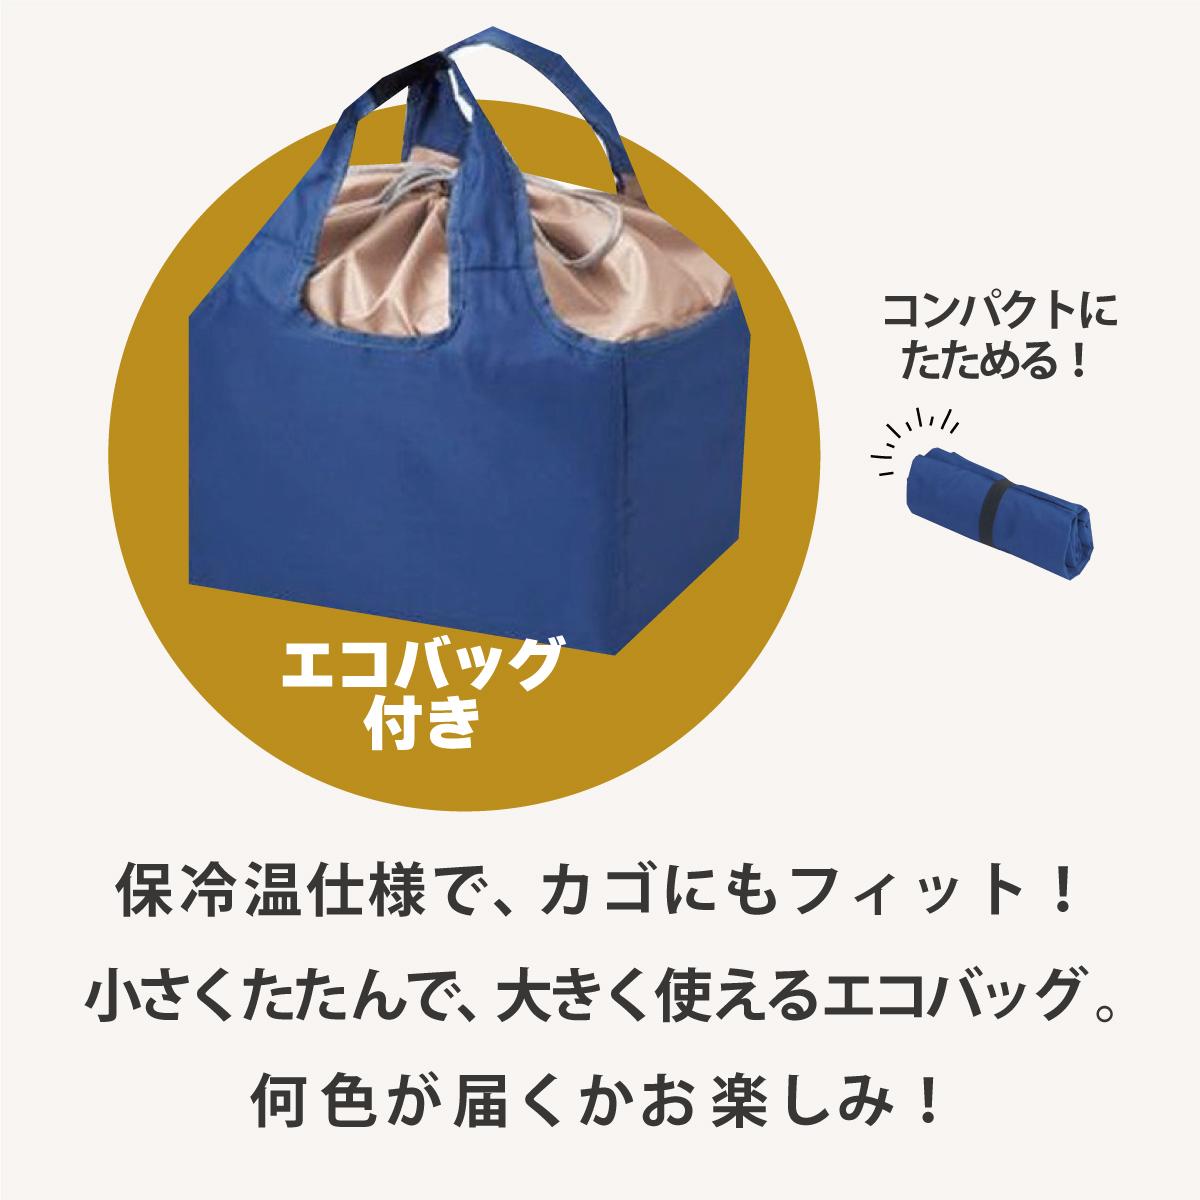 【数量限定】石丸人気5種うどんセット【送料込※】